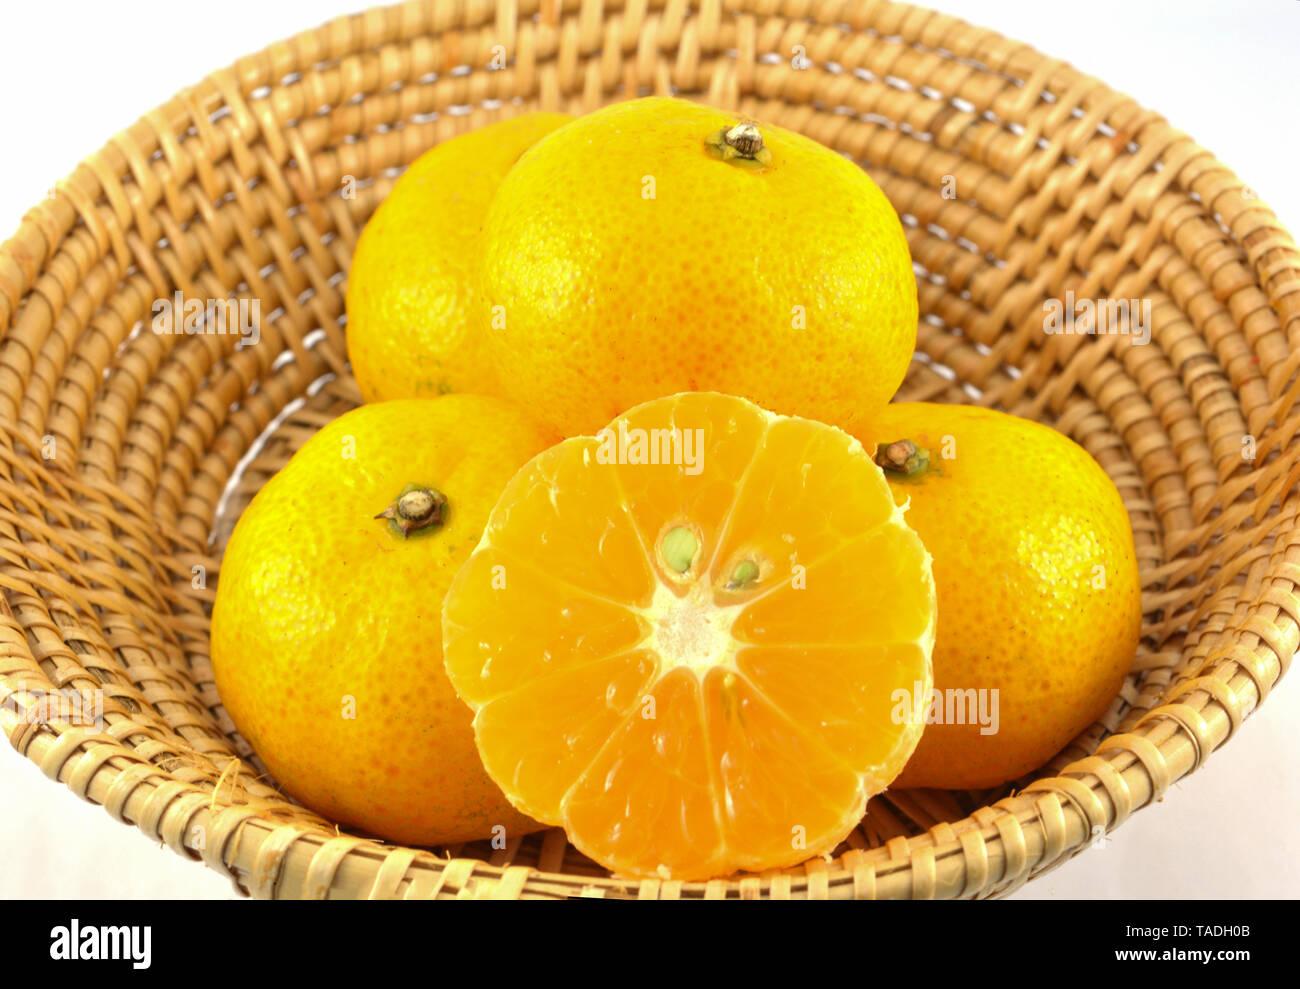 small chinese orange mandarin in basket isolated on white background - Stock Image